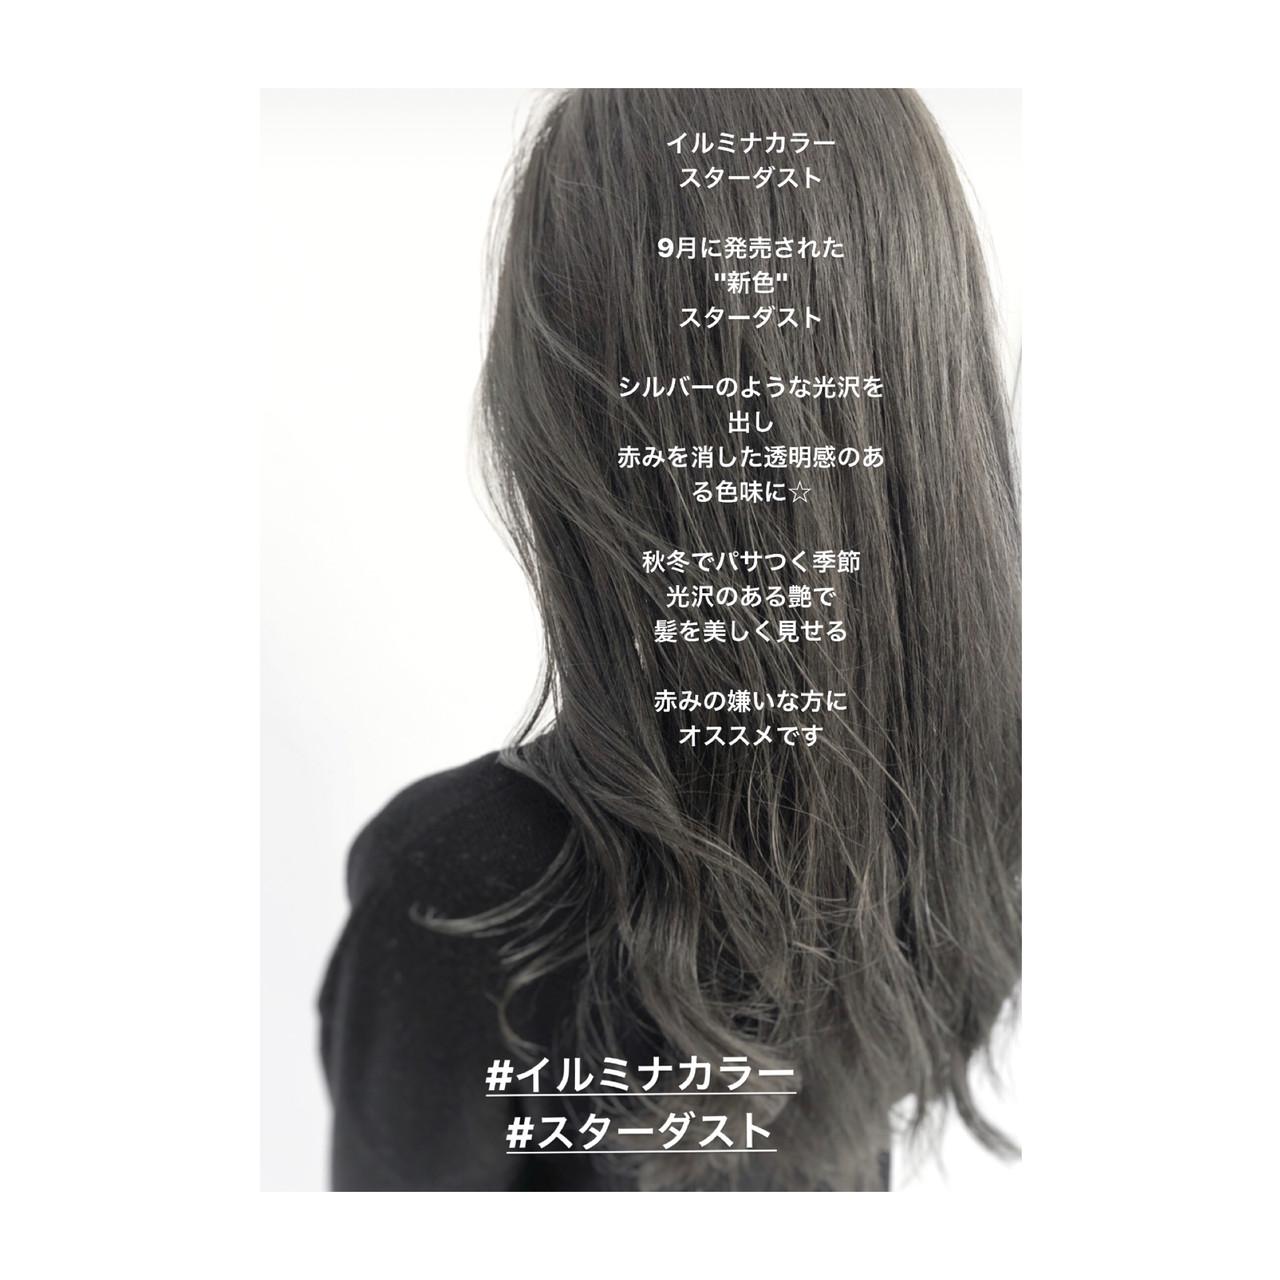 グレージュ アンニュイほつれヘア デジタルパーマ ロング ヘアスタイルや髪型の写真・画像